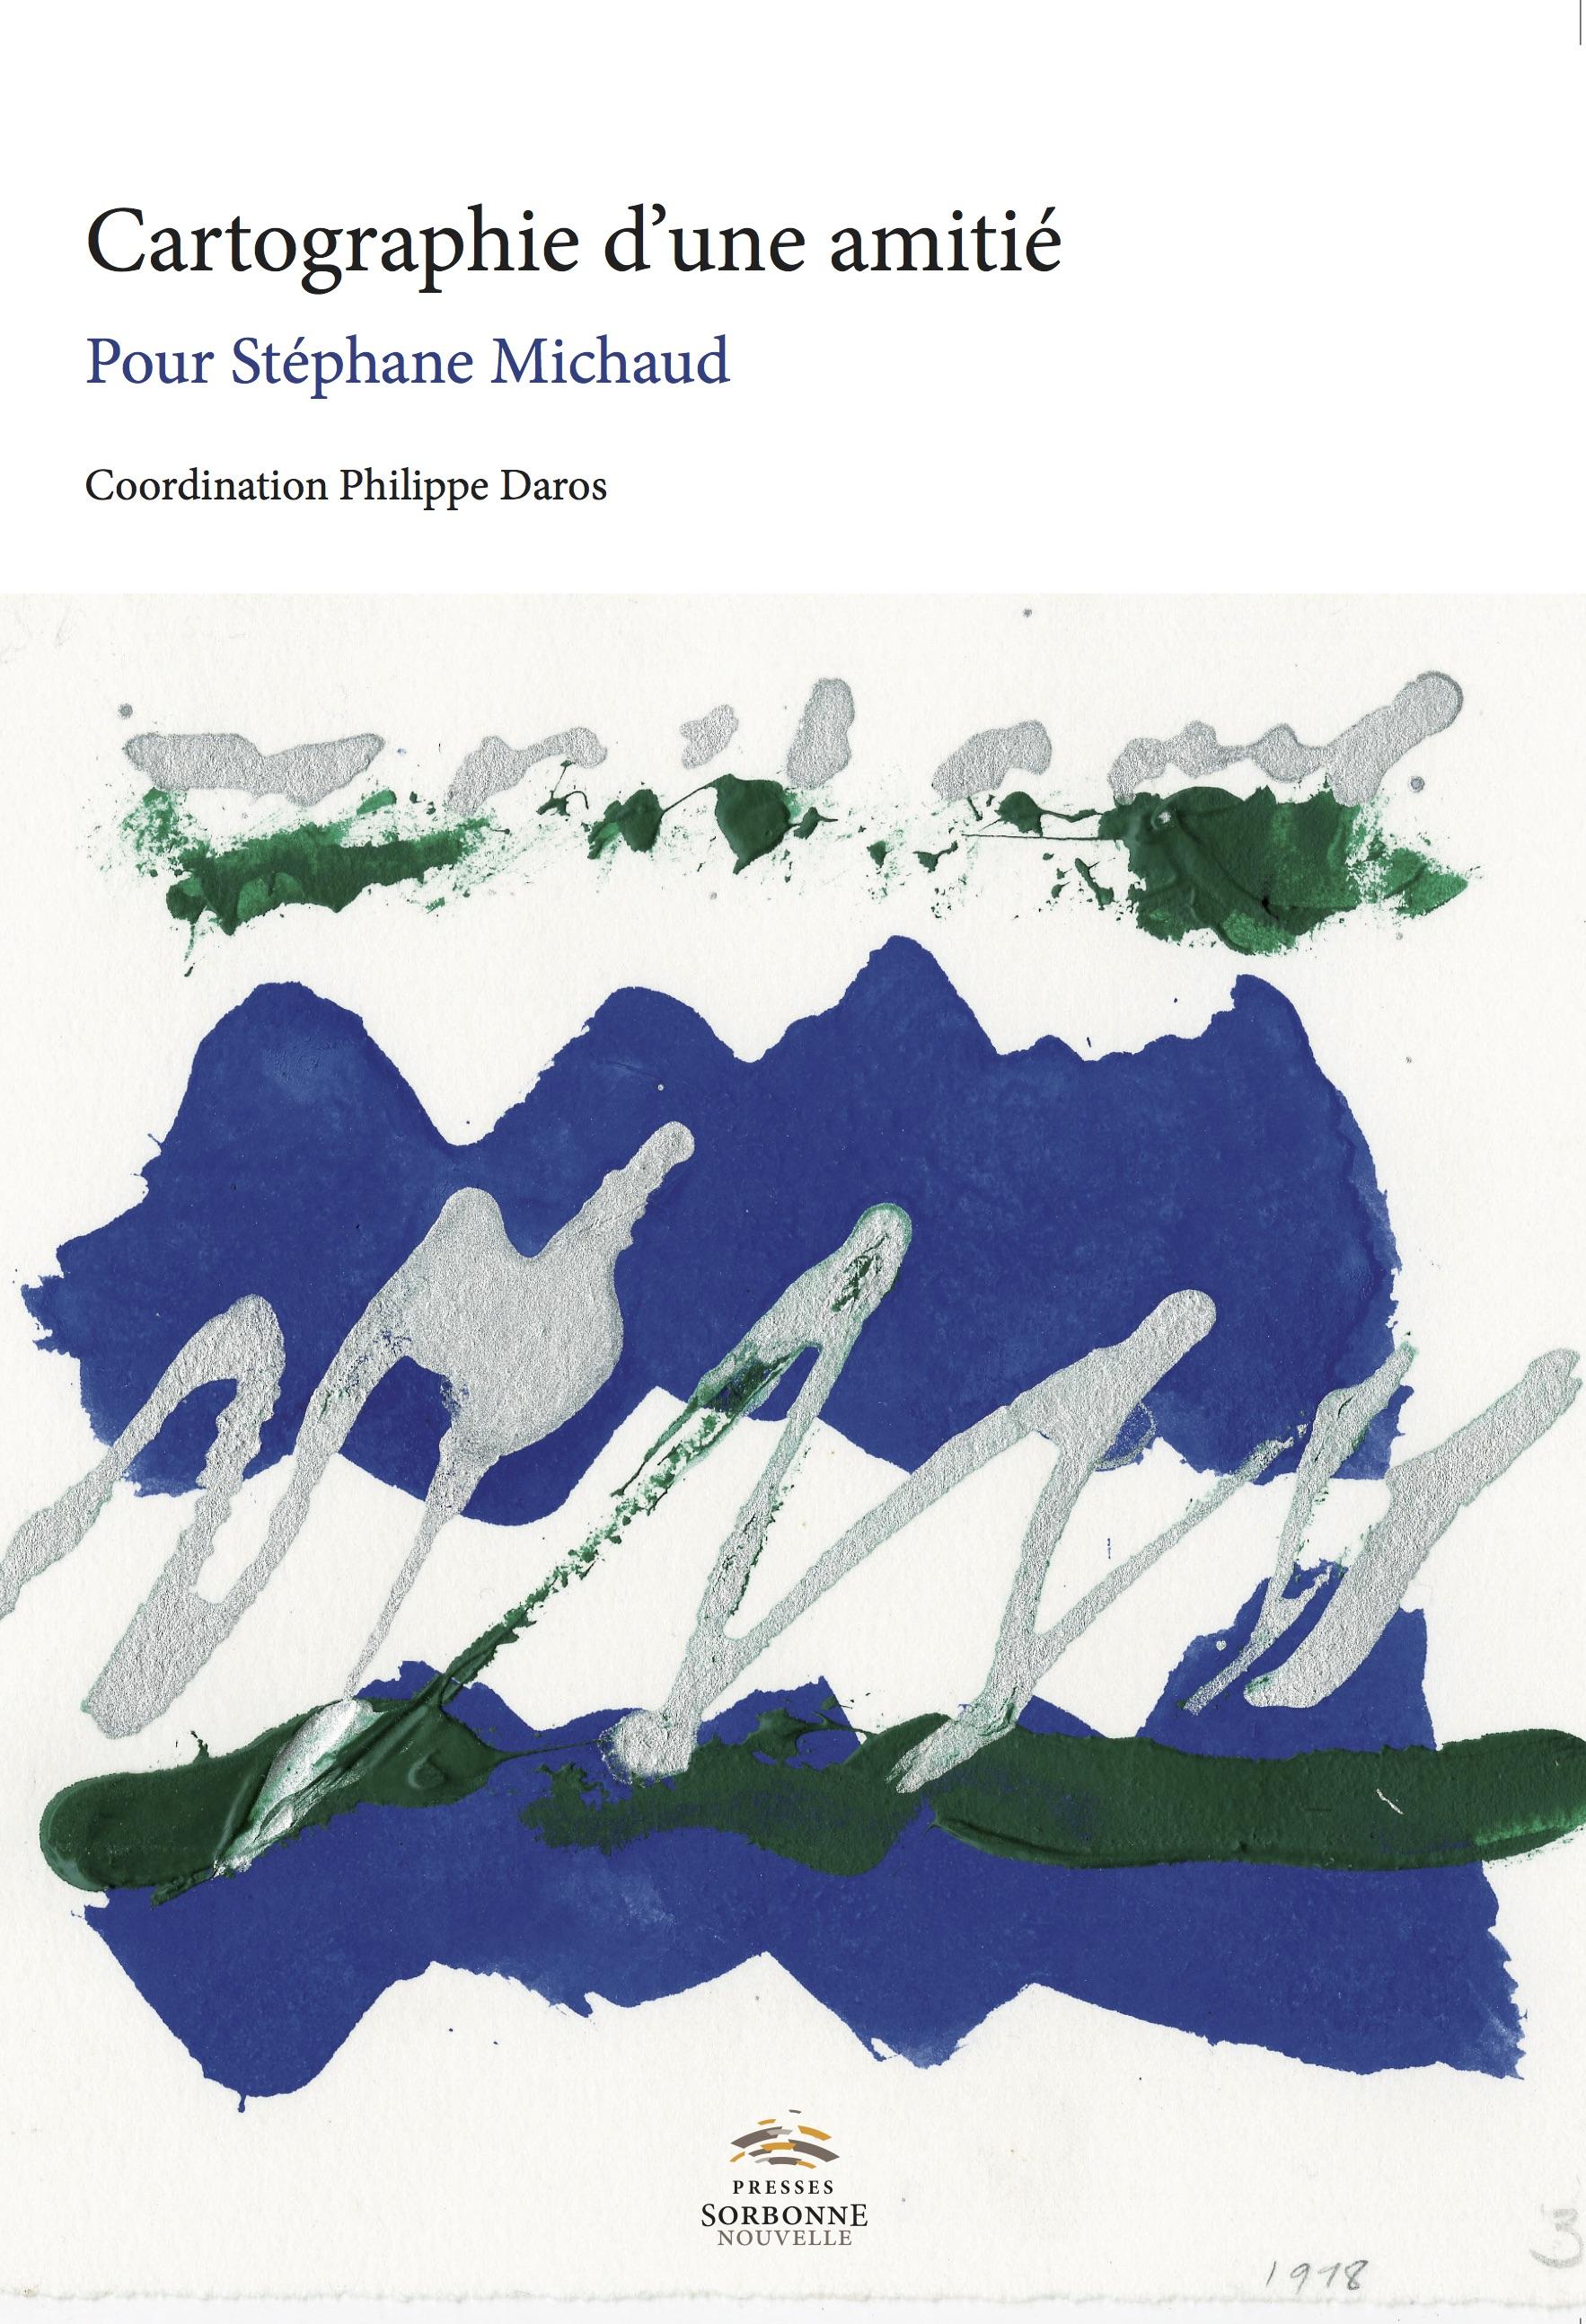 Ph. Daros (dir.), Cartographie d'une amitié. Pour Stéphane Michaud